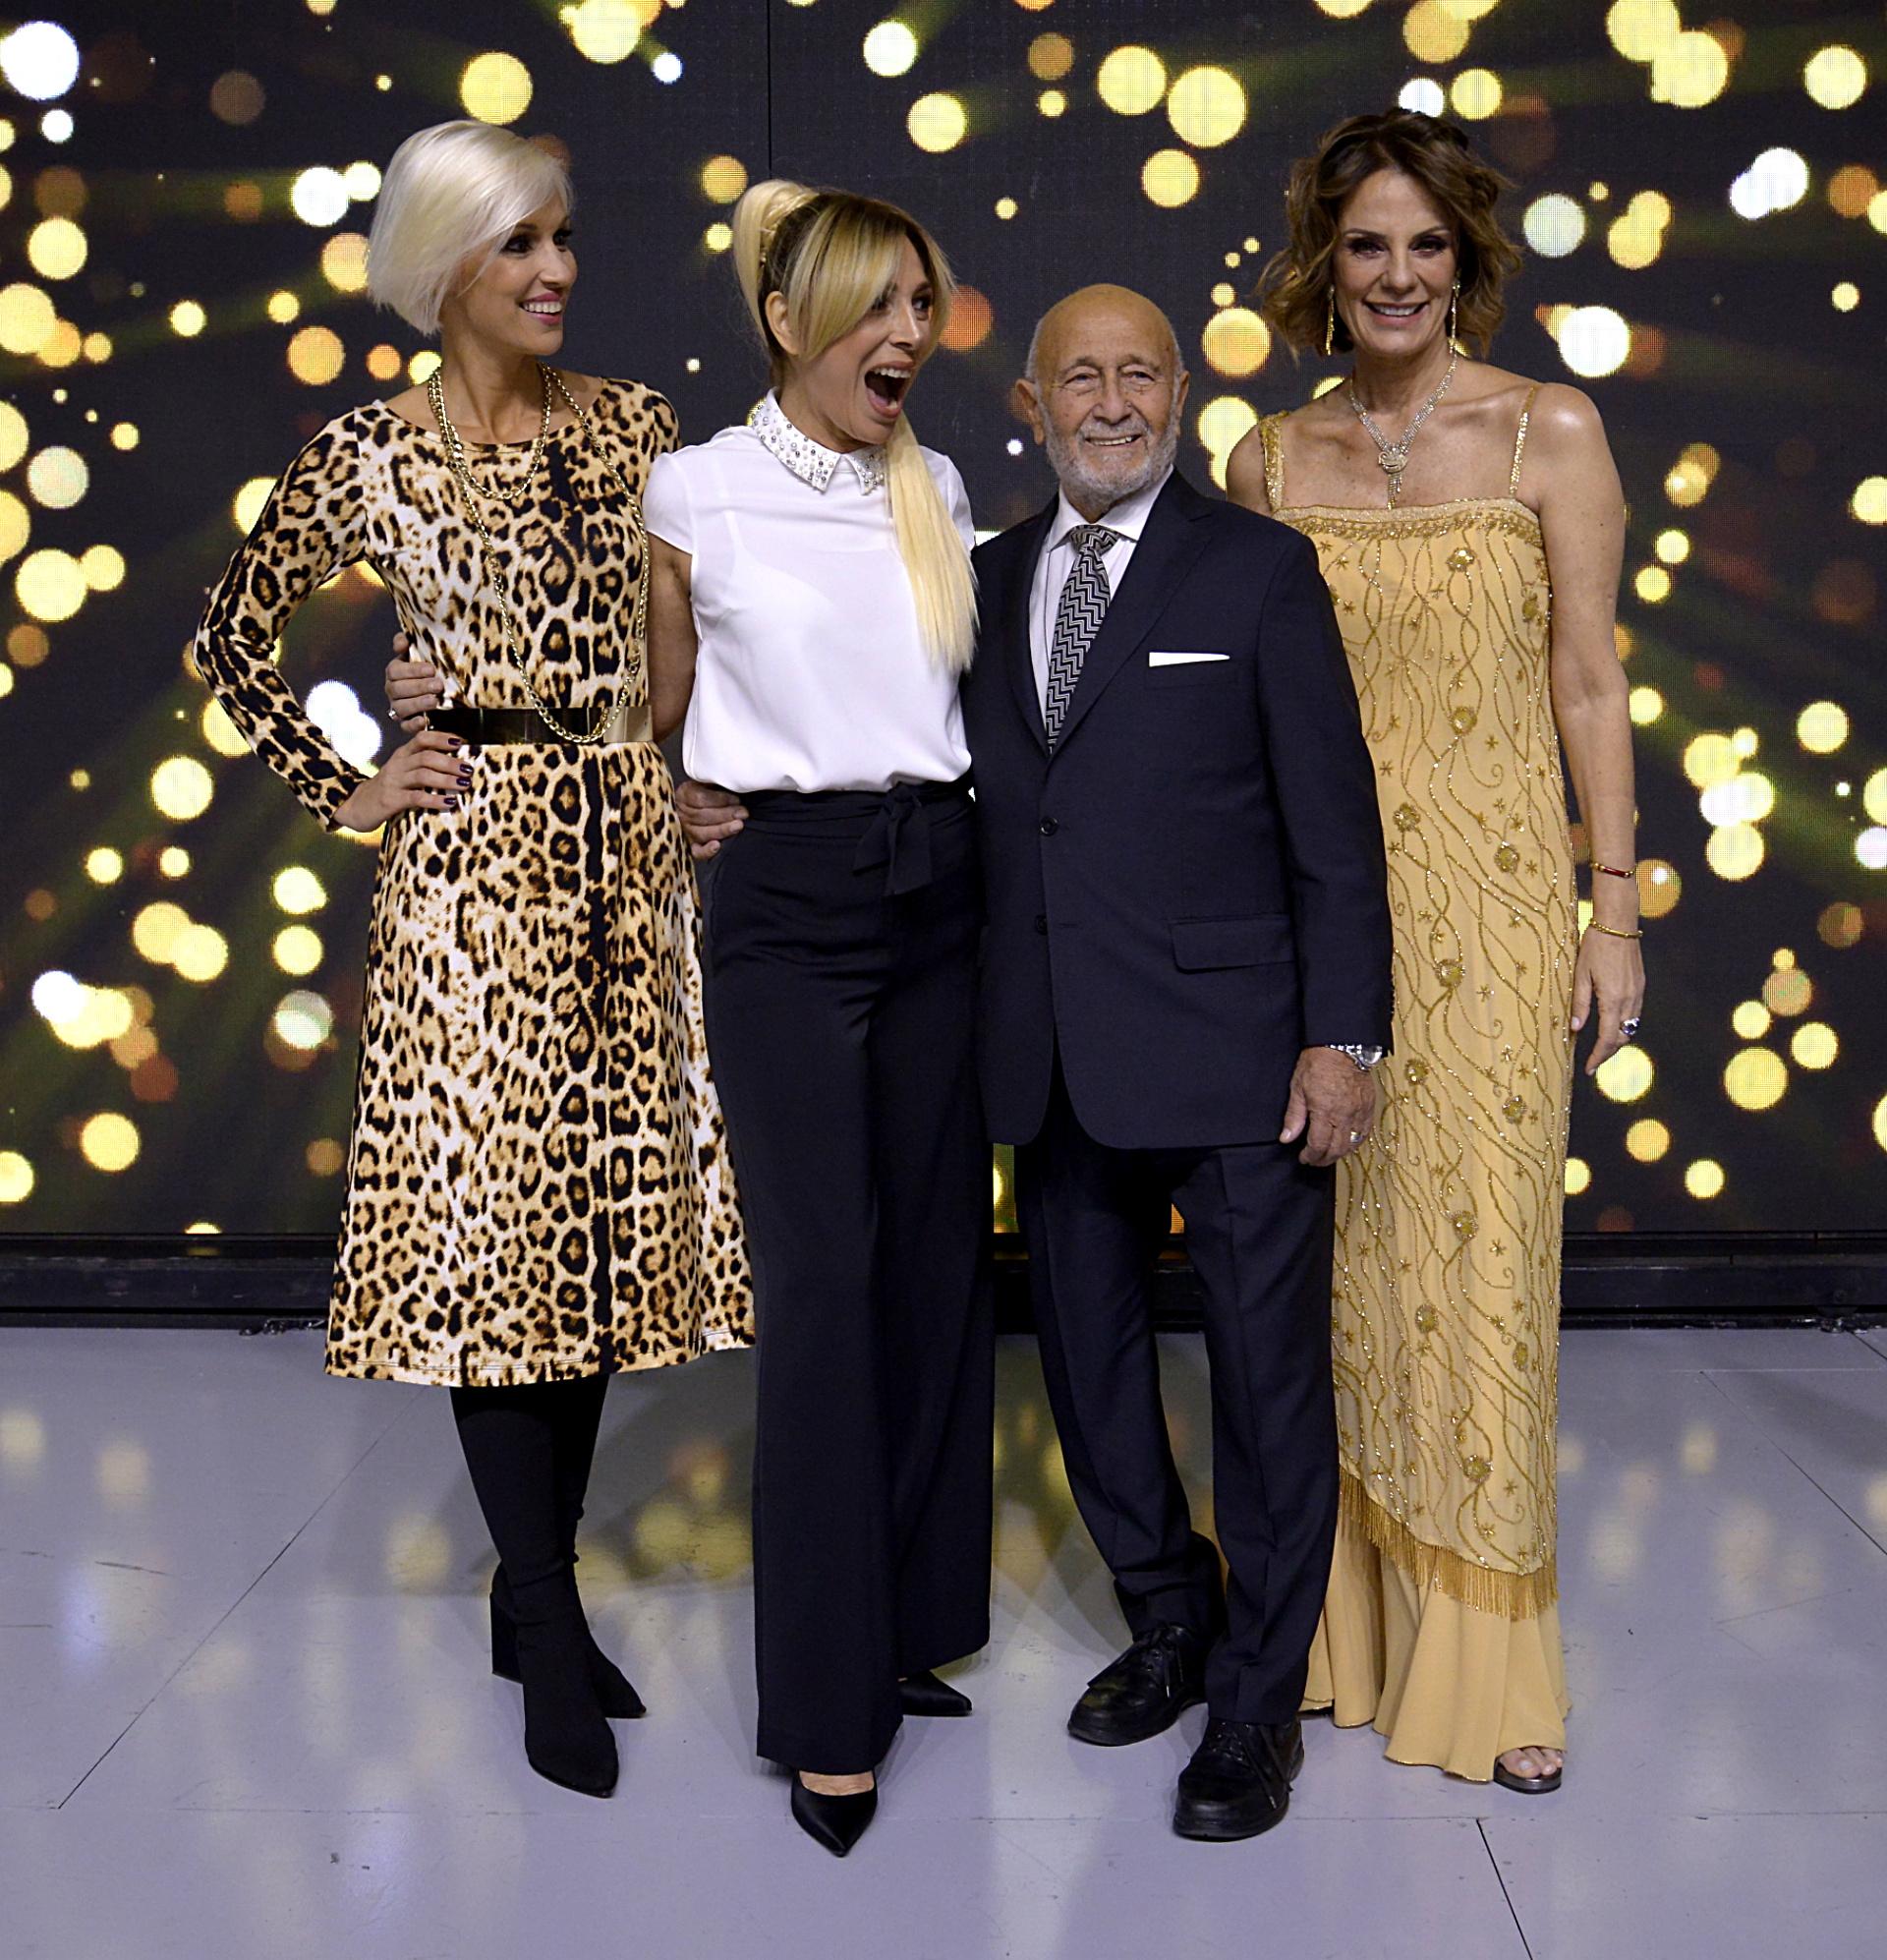 Las modelos y conductoras Ingrid Grudke y Nequi Galotti junto con Mauricio Wachs, director general de Silkey y Elizabeth Yelin, la directora creativa